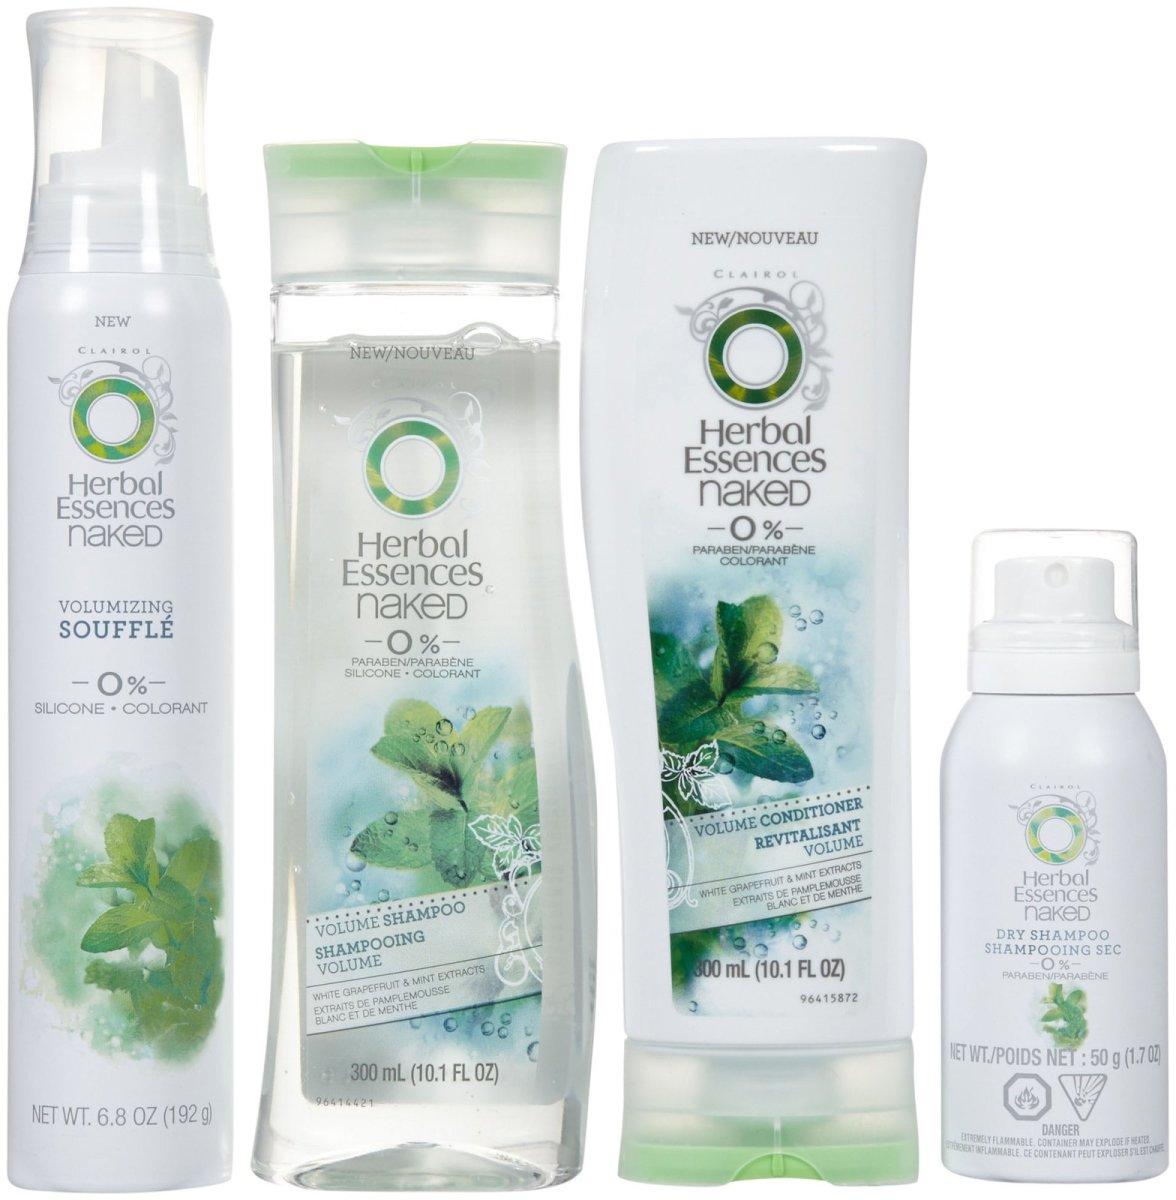 Herbal Essences Naked